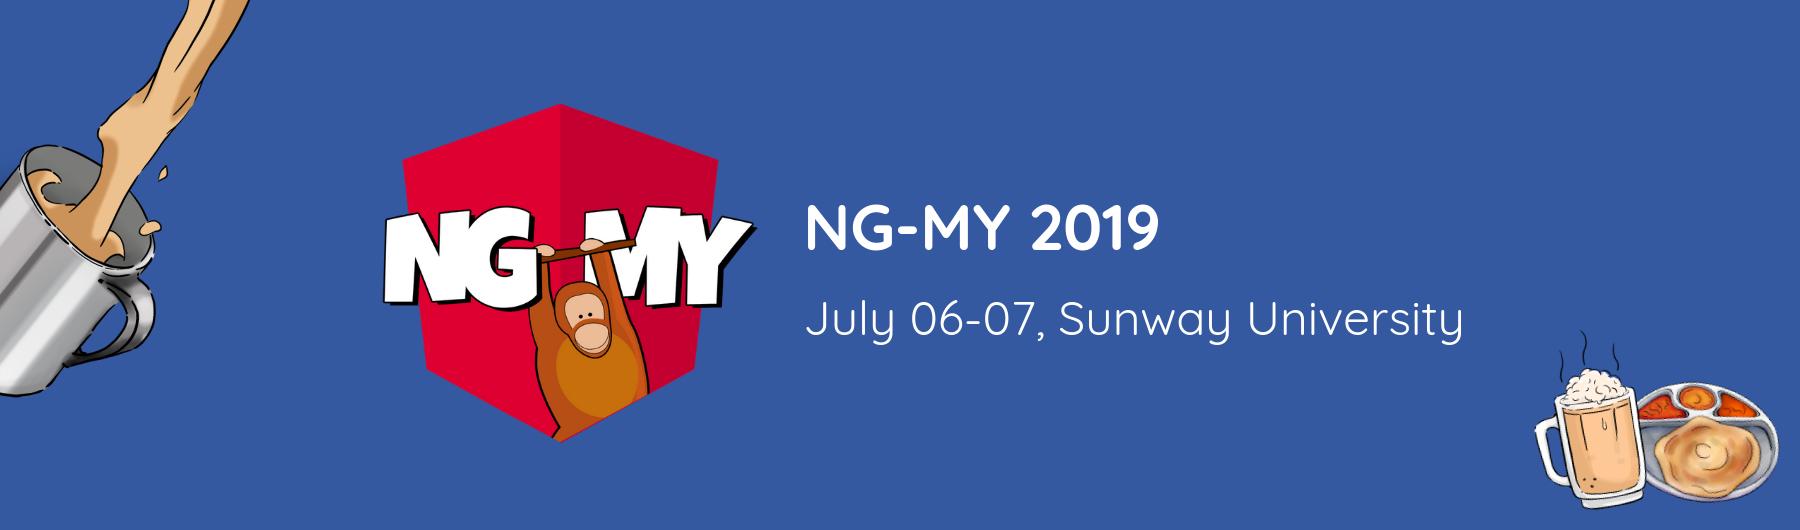 NG-MY 2019 Conference